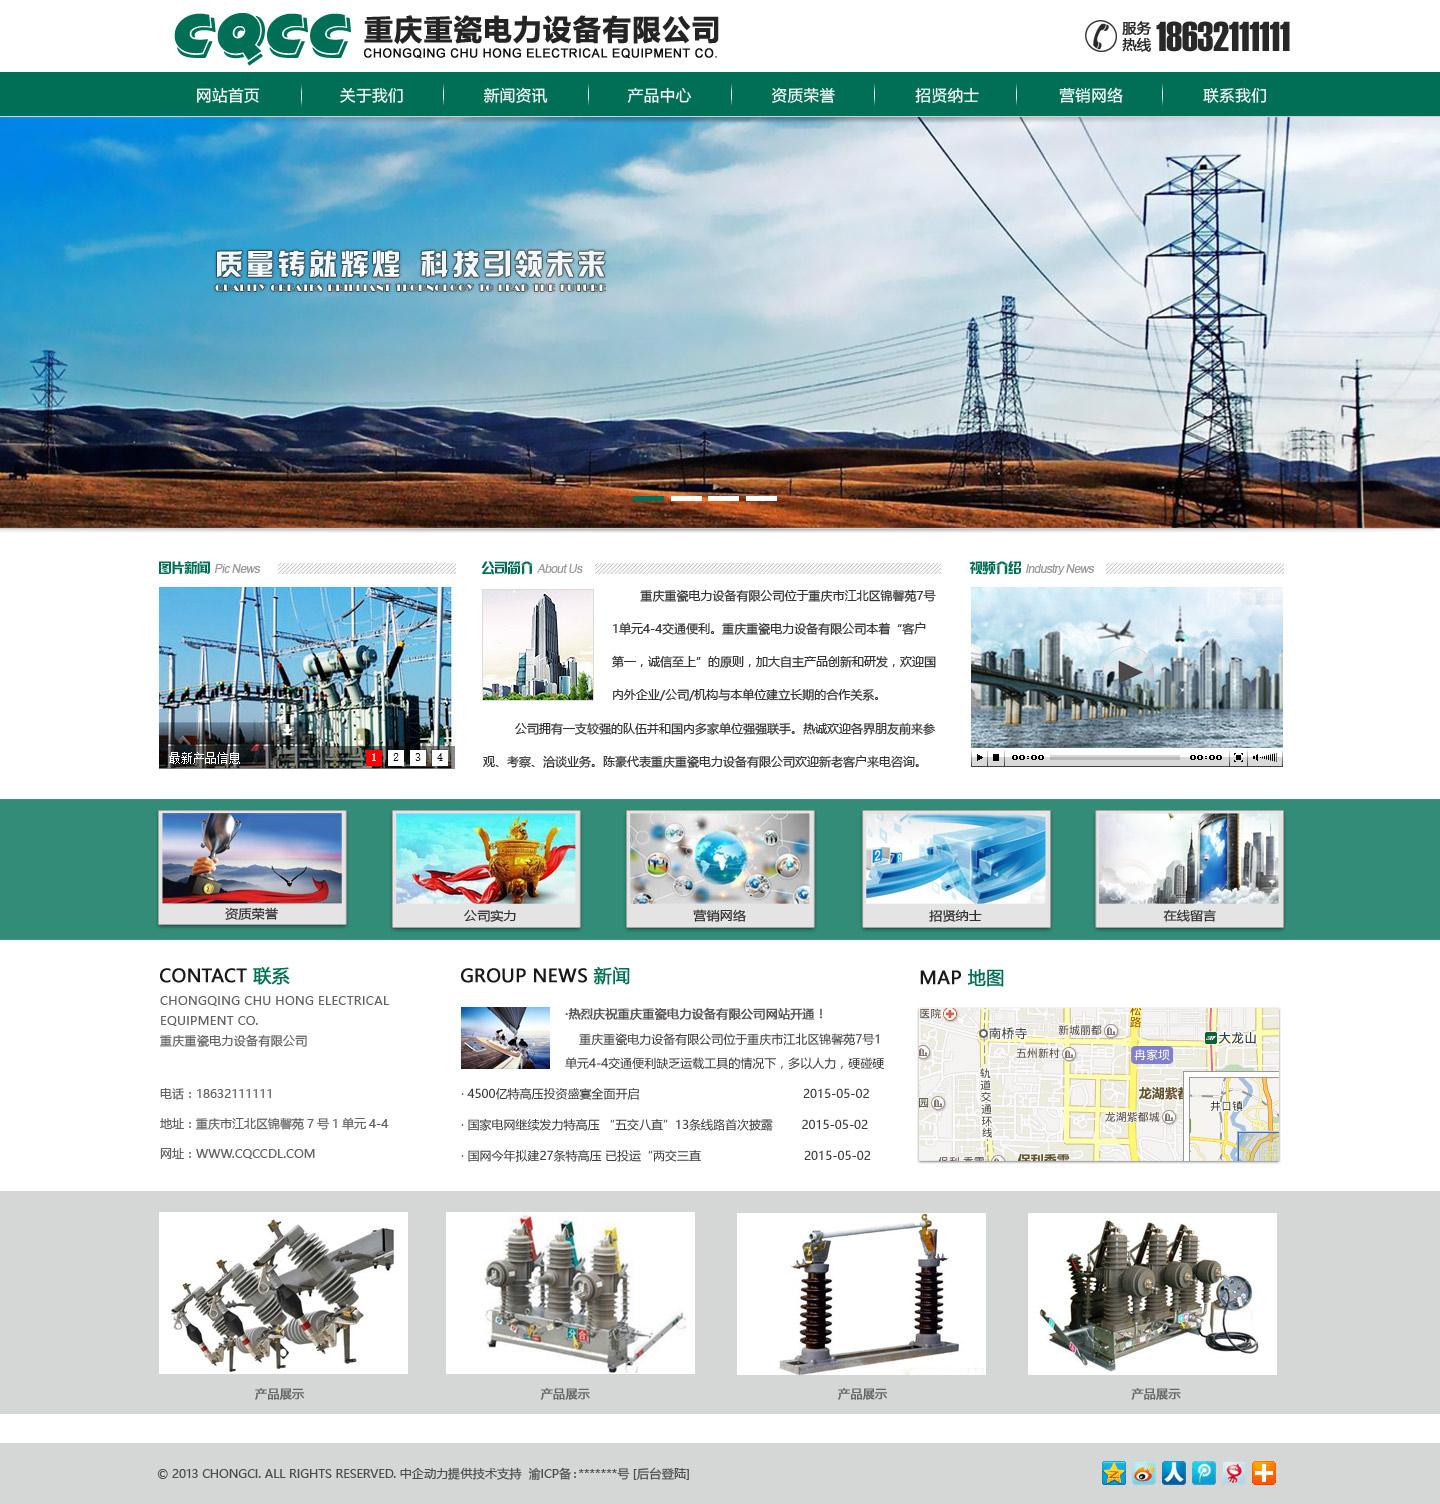 重慶重瓷電力設備有限公司